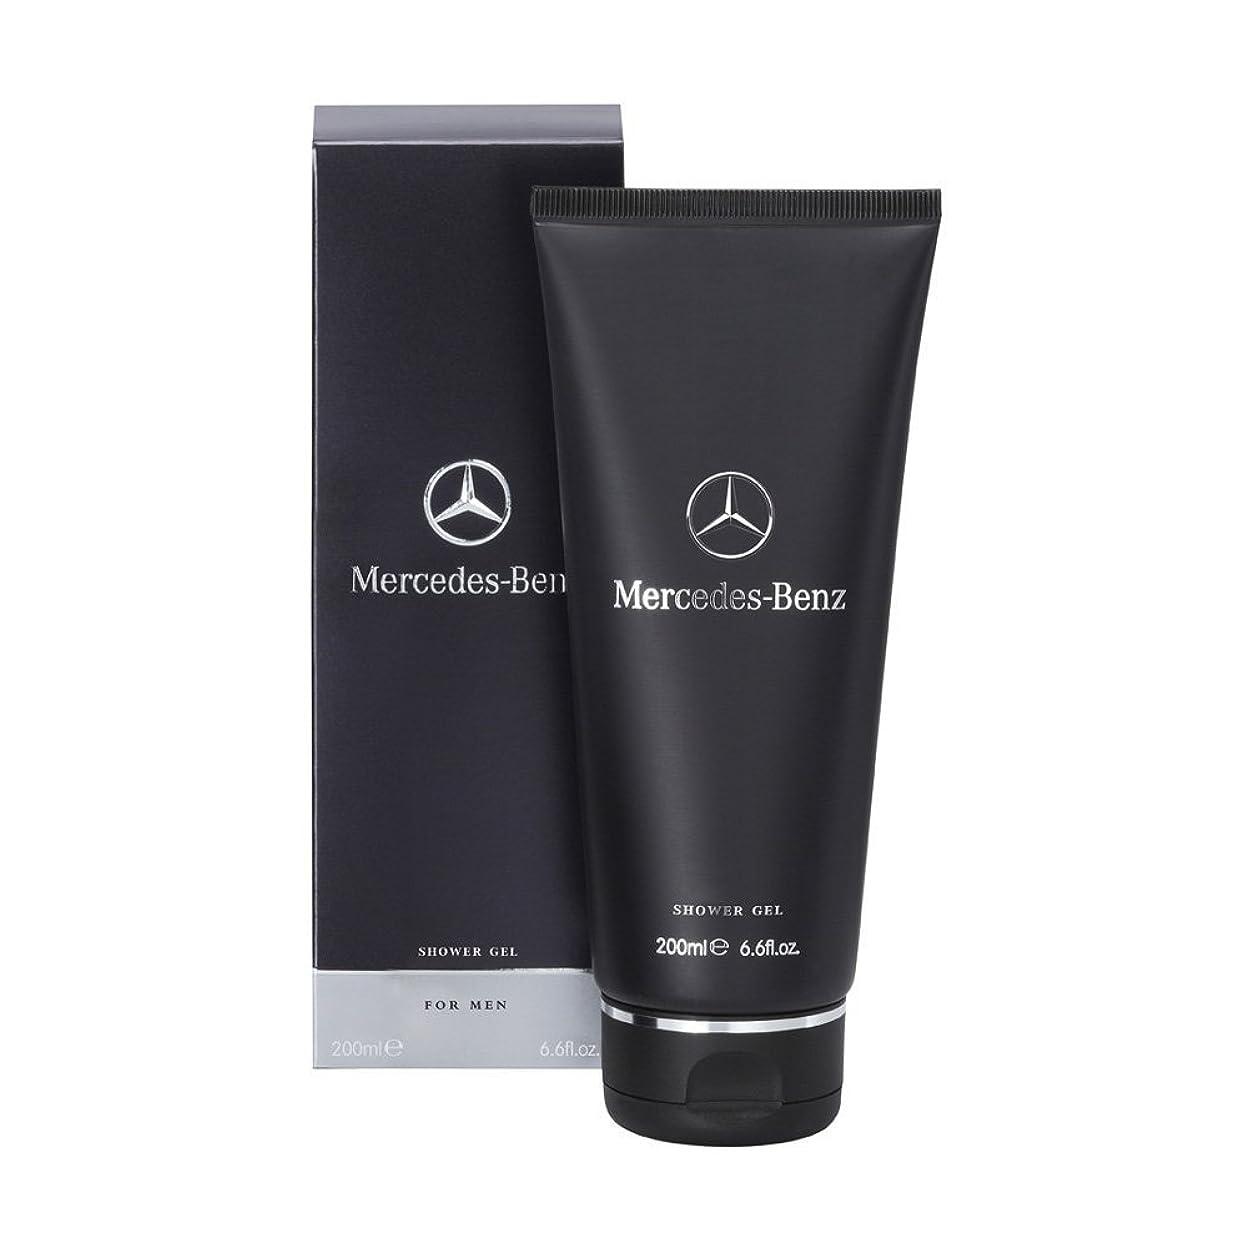 ミュウミュウ劣る原点Mercedes-Benz (メルセデス ベンツ) 6.7 oz (200ml) Shower Gel (シャワー ジェル) by Mercedes-Benz for Men